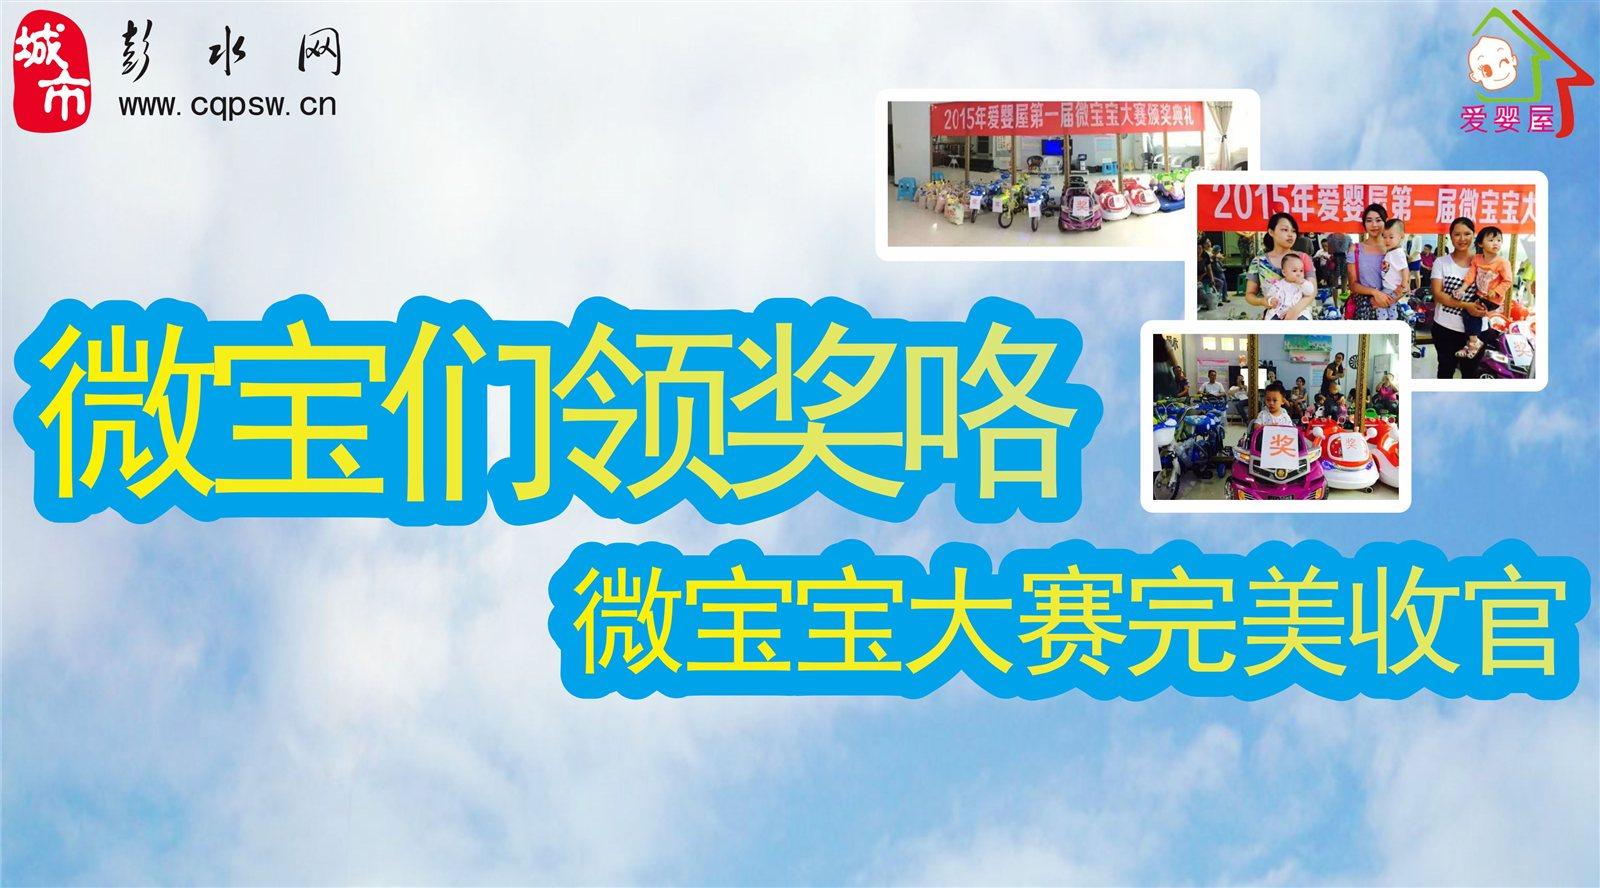 """""""2015彭水爱婴屋杯微宝宝评选大赛""""完美收官,敬请期待第二季……"""